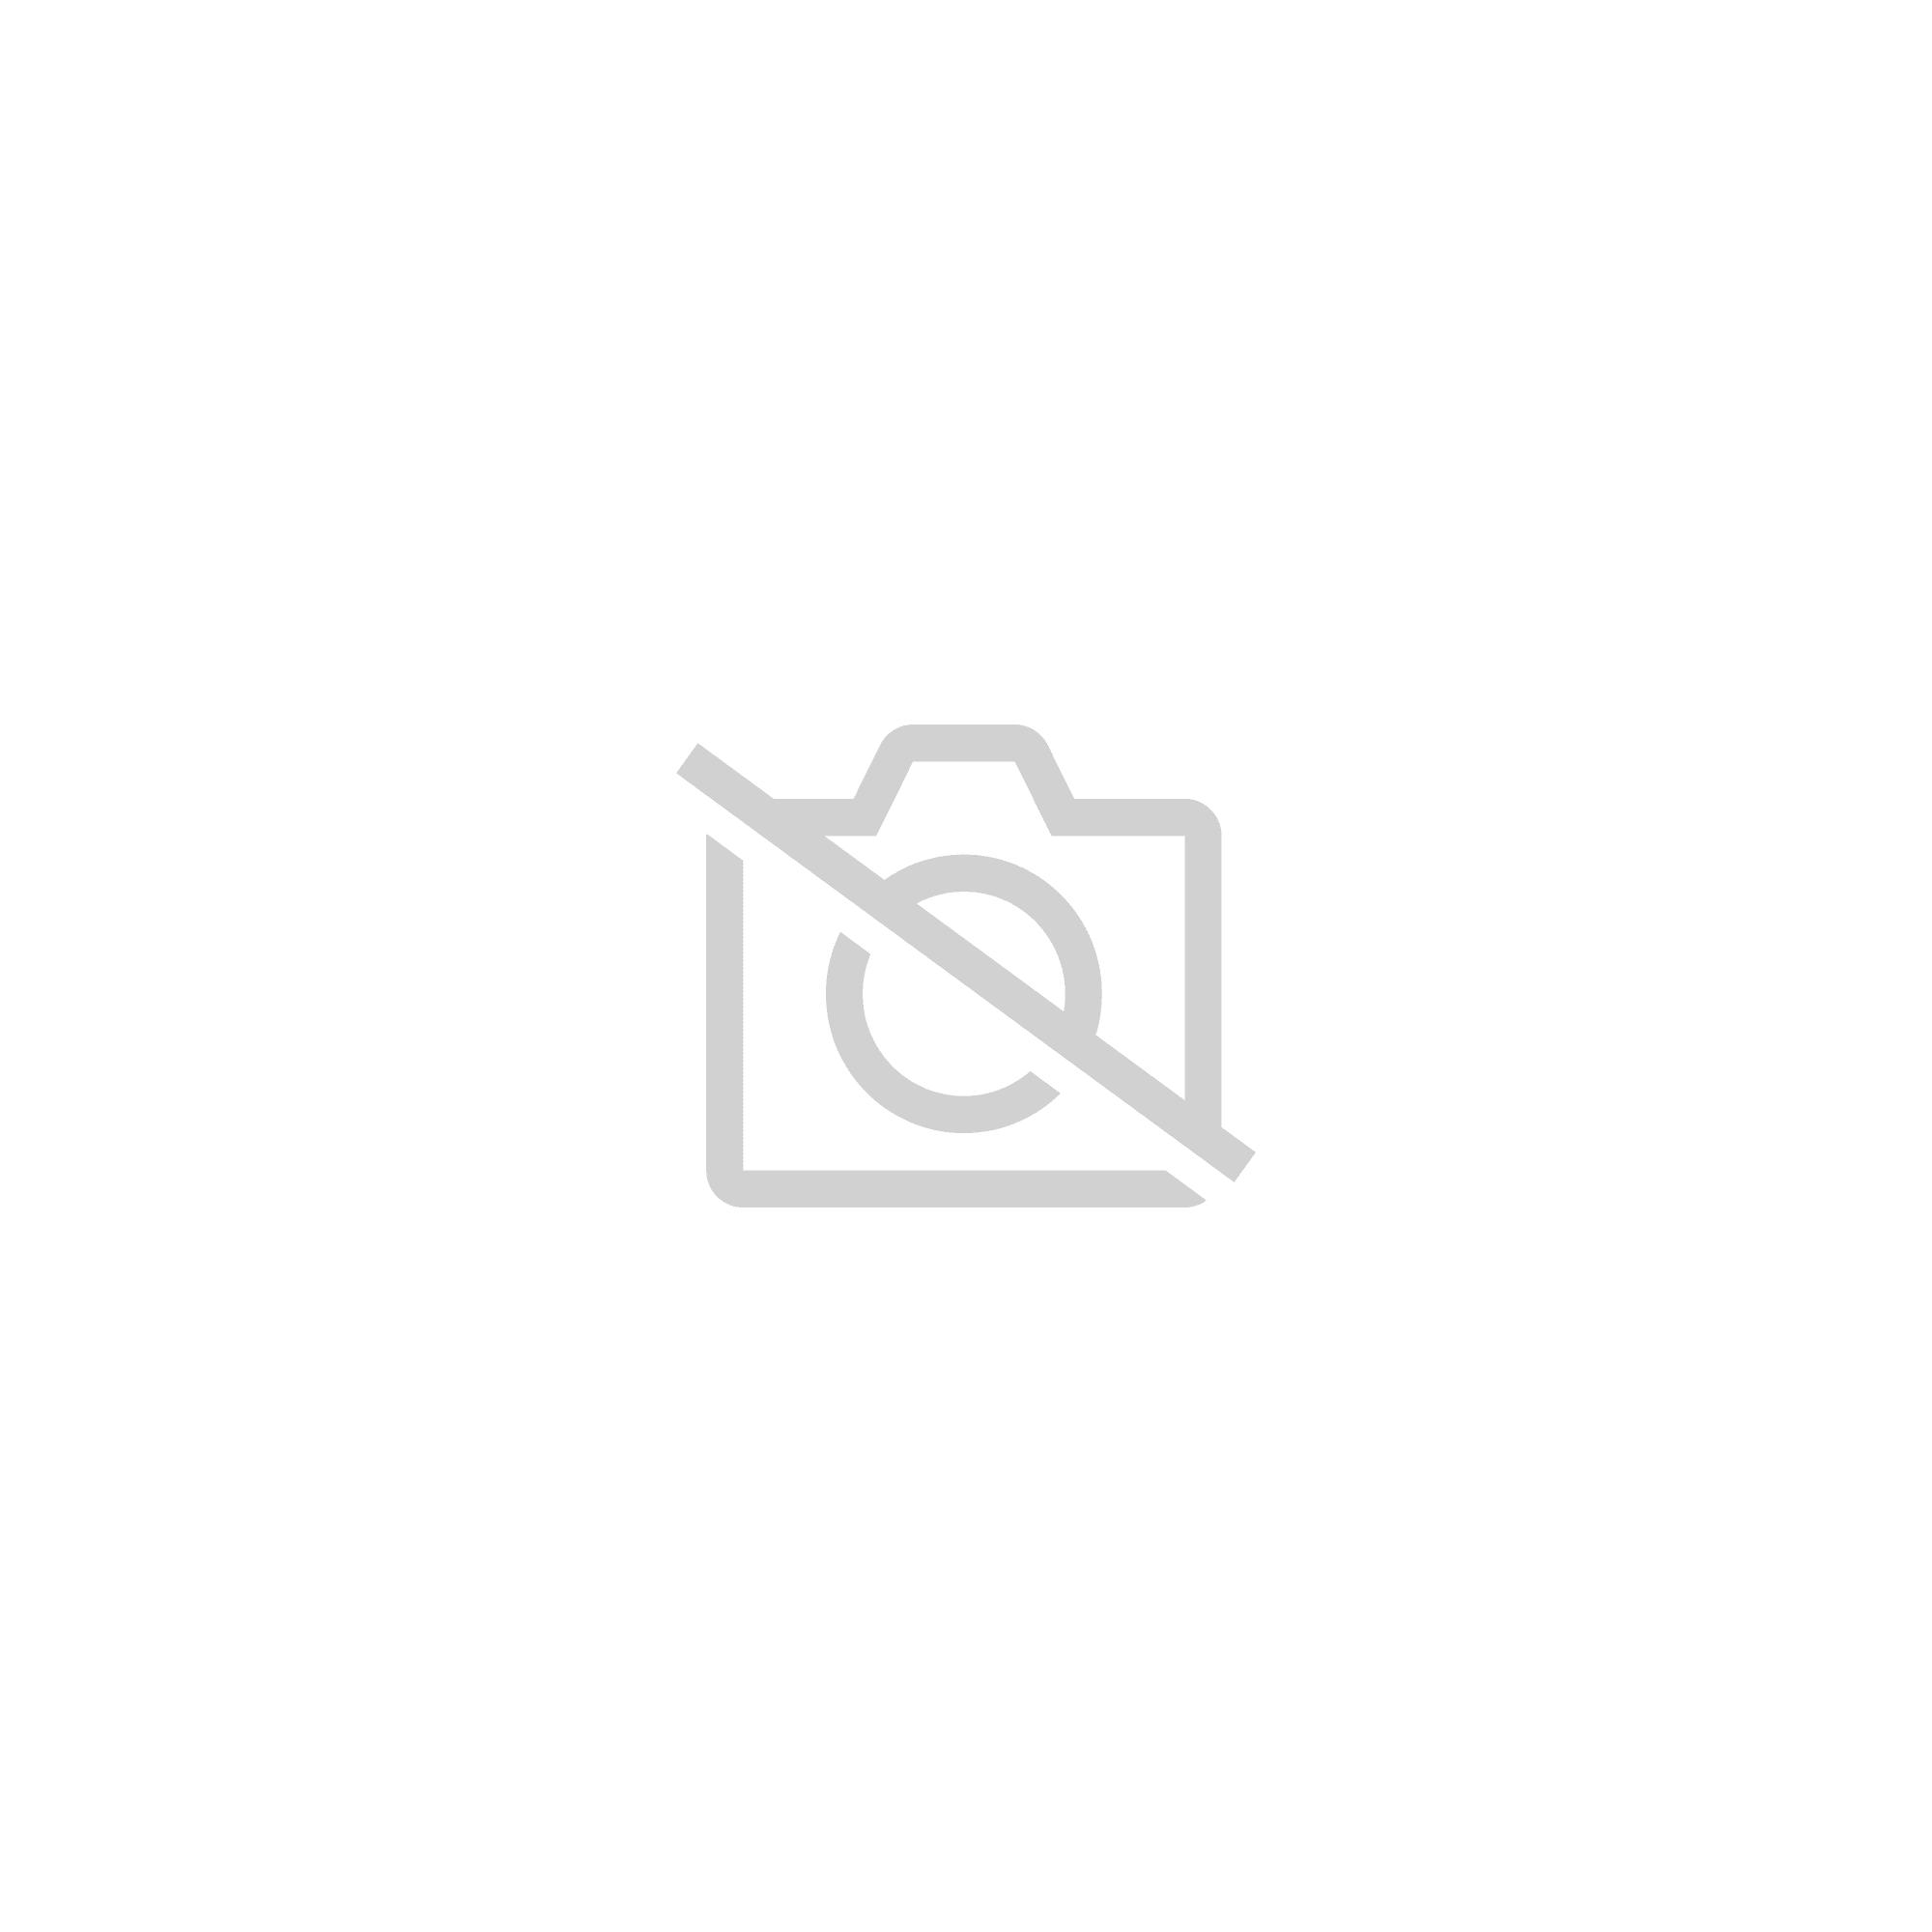 ThinkServer - Disque dur - 250 Go - échangeable à chaud - 3.5  - SATA-300 45J6211